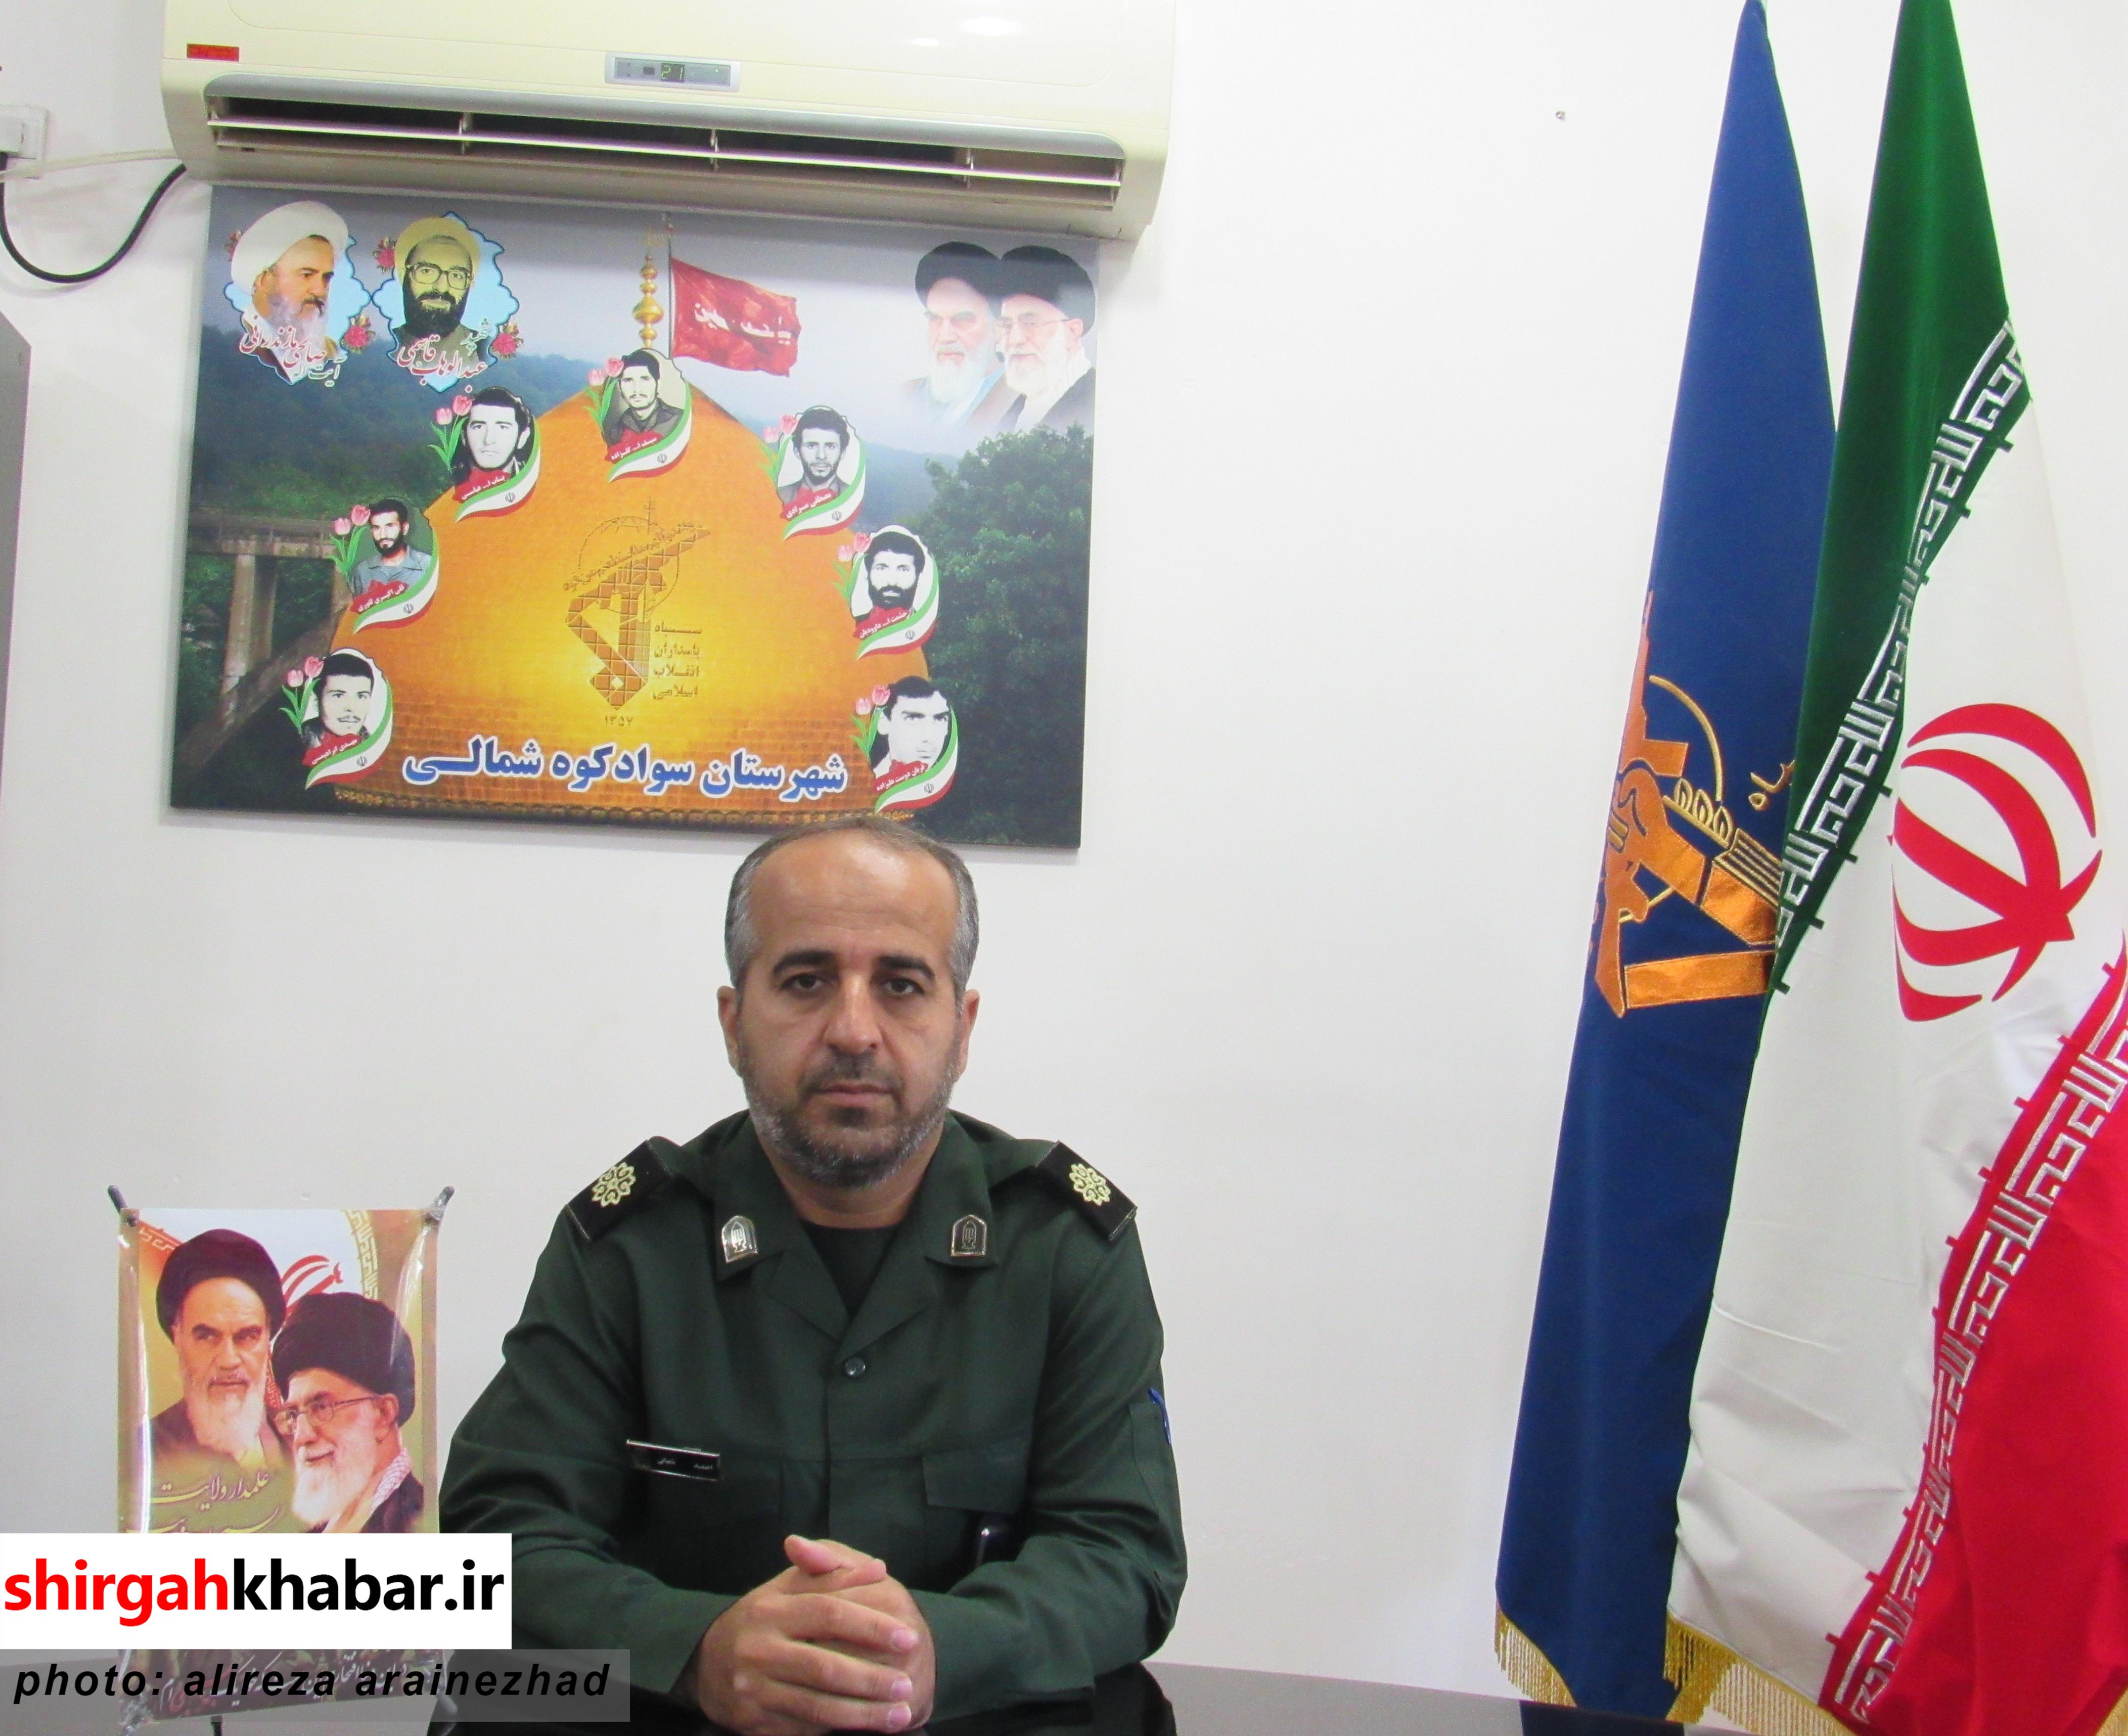 سرگرد احمد شعبانی فرمانده ناحیه مقاومت بسیج شهرستان سوادکوه شمالی